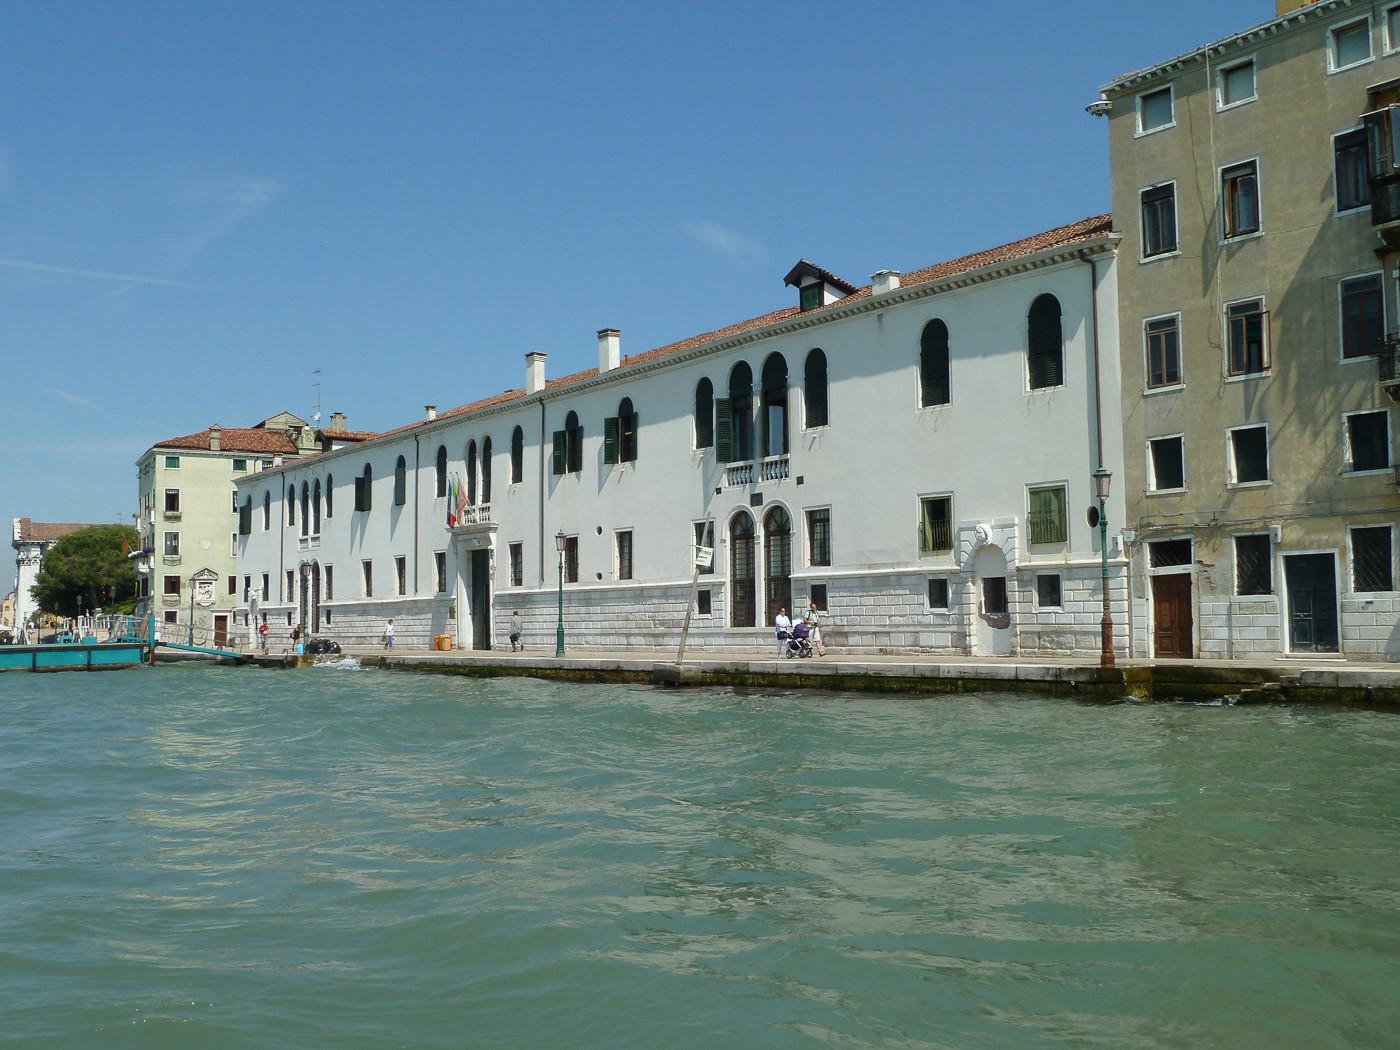 PrincipalCasa_degli_Incurabili_Venezia_Z